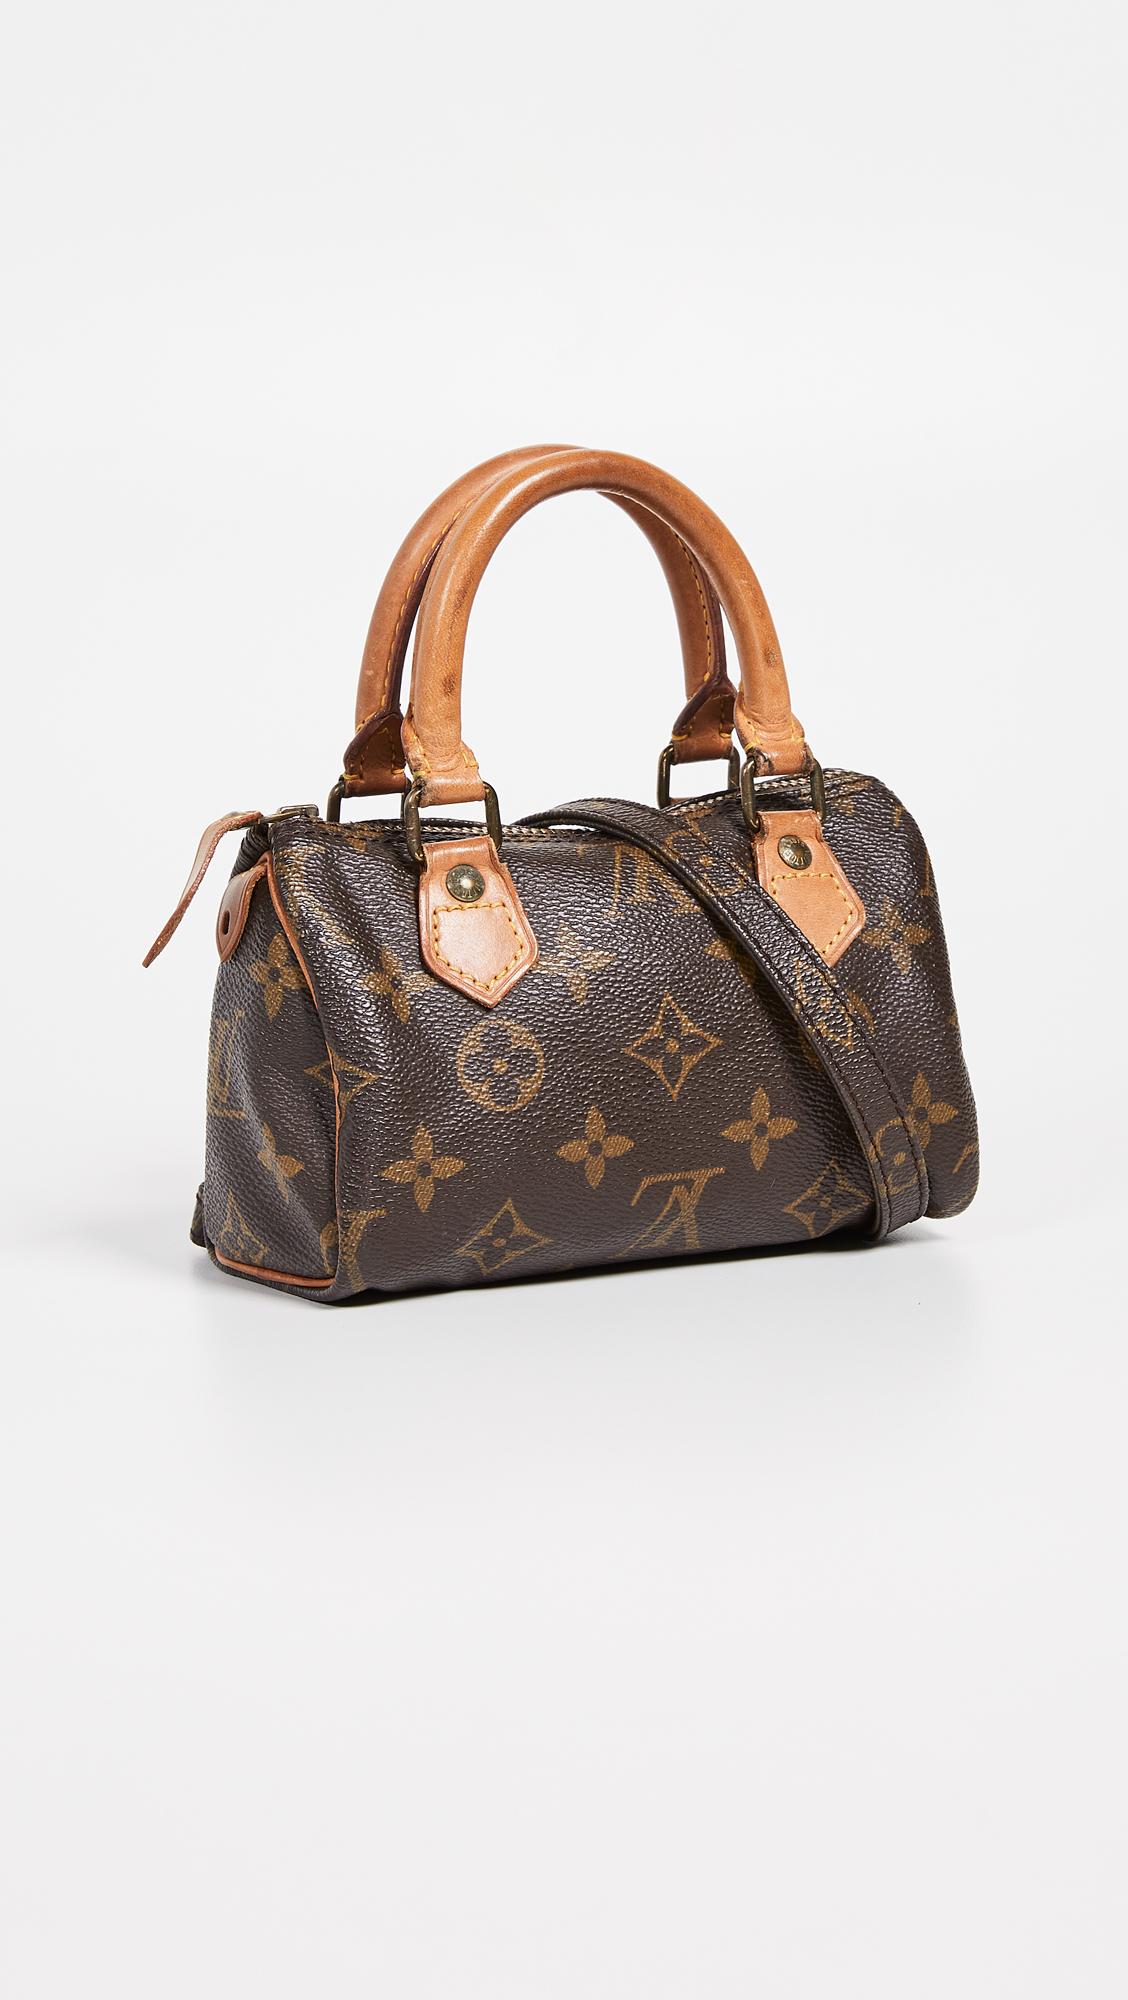 Louis Vuitton Speedy Bag, $1,050, Shopbop